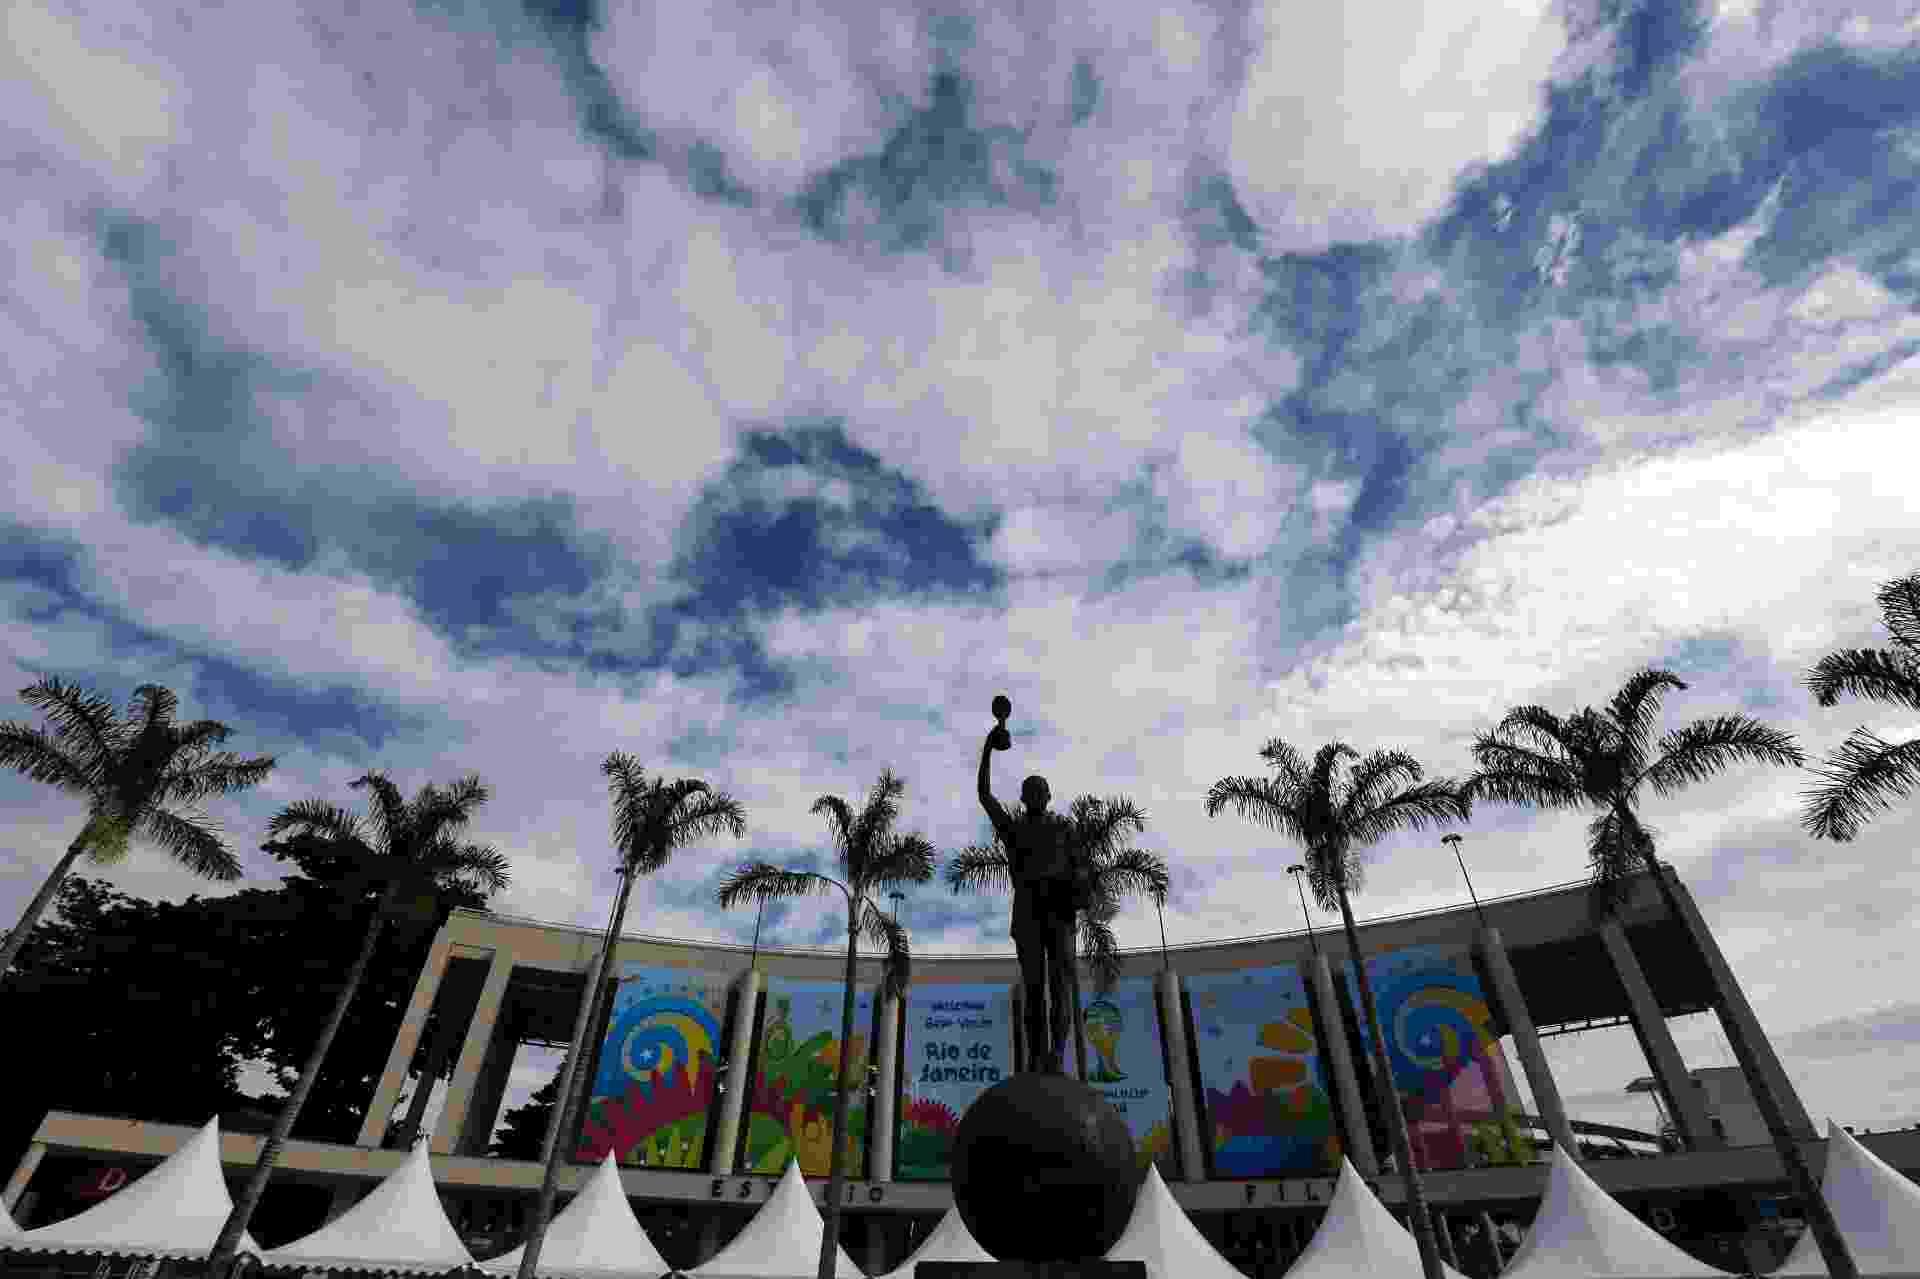 26.05.14 - Maracanã aparece já decorado com a sinalização da Fifa para a Copa do Mundo - undefined